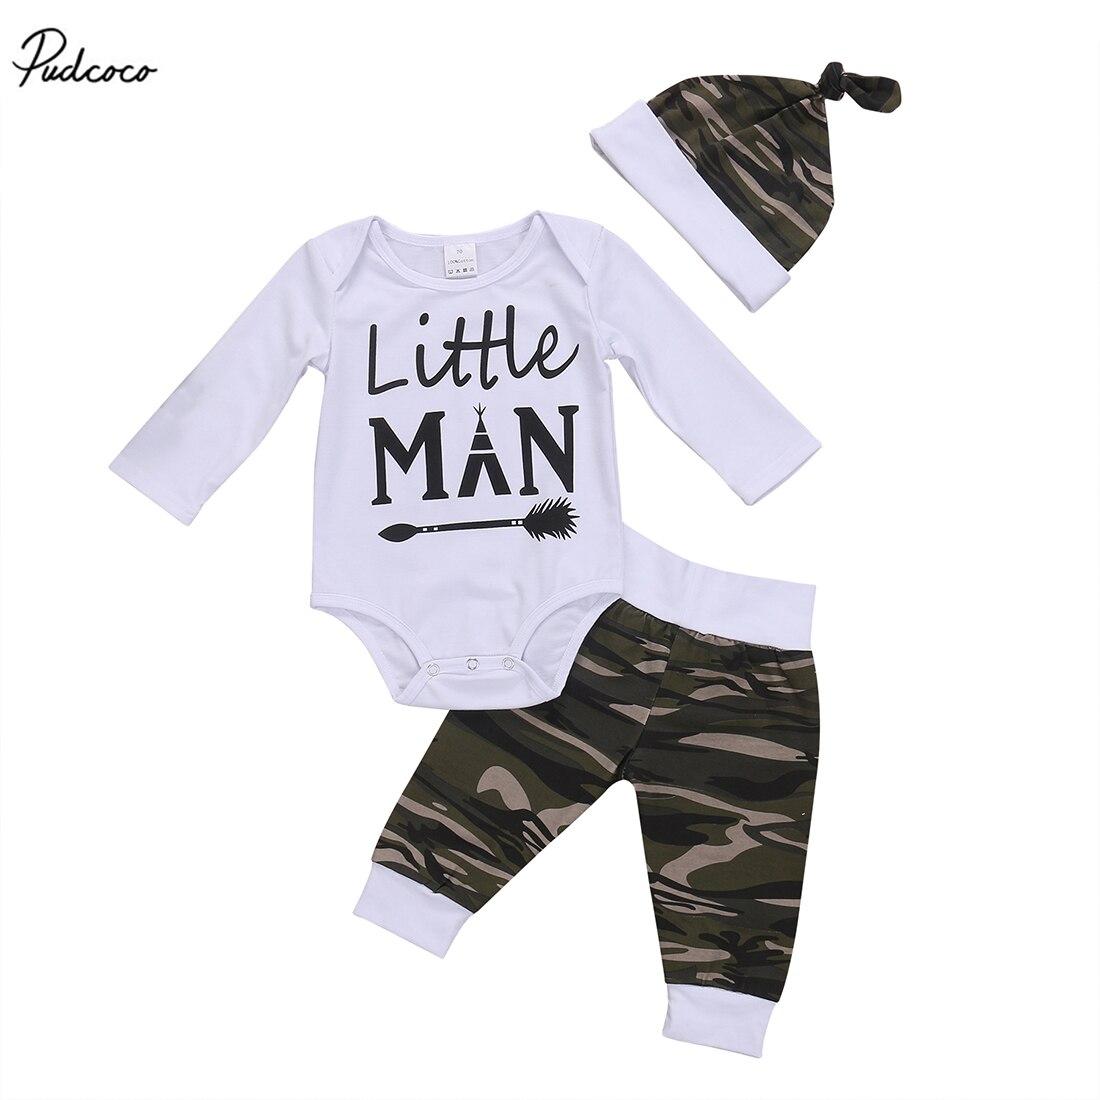 Litter hombre recién nacido niños 2018 nuevo algodón manga larga Tops Romper camuflaje pantalones sombrero 3 uds conjuntos ropa